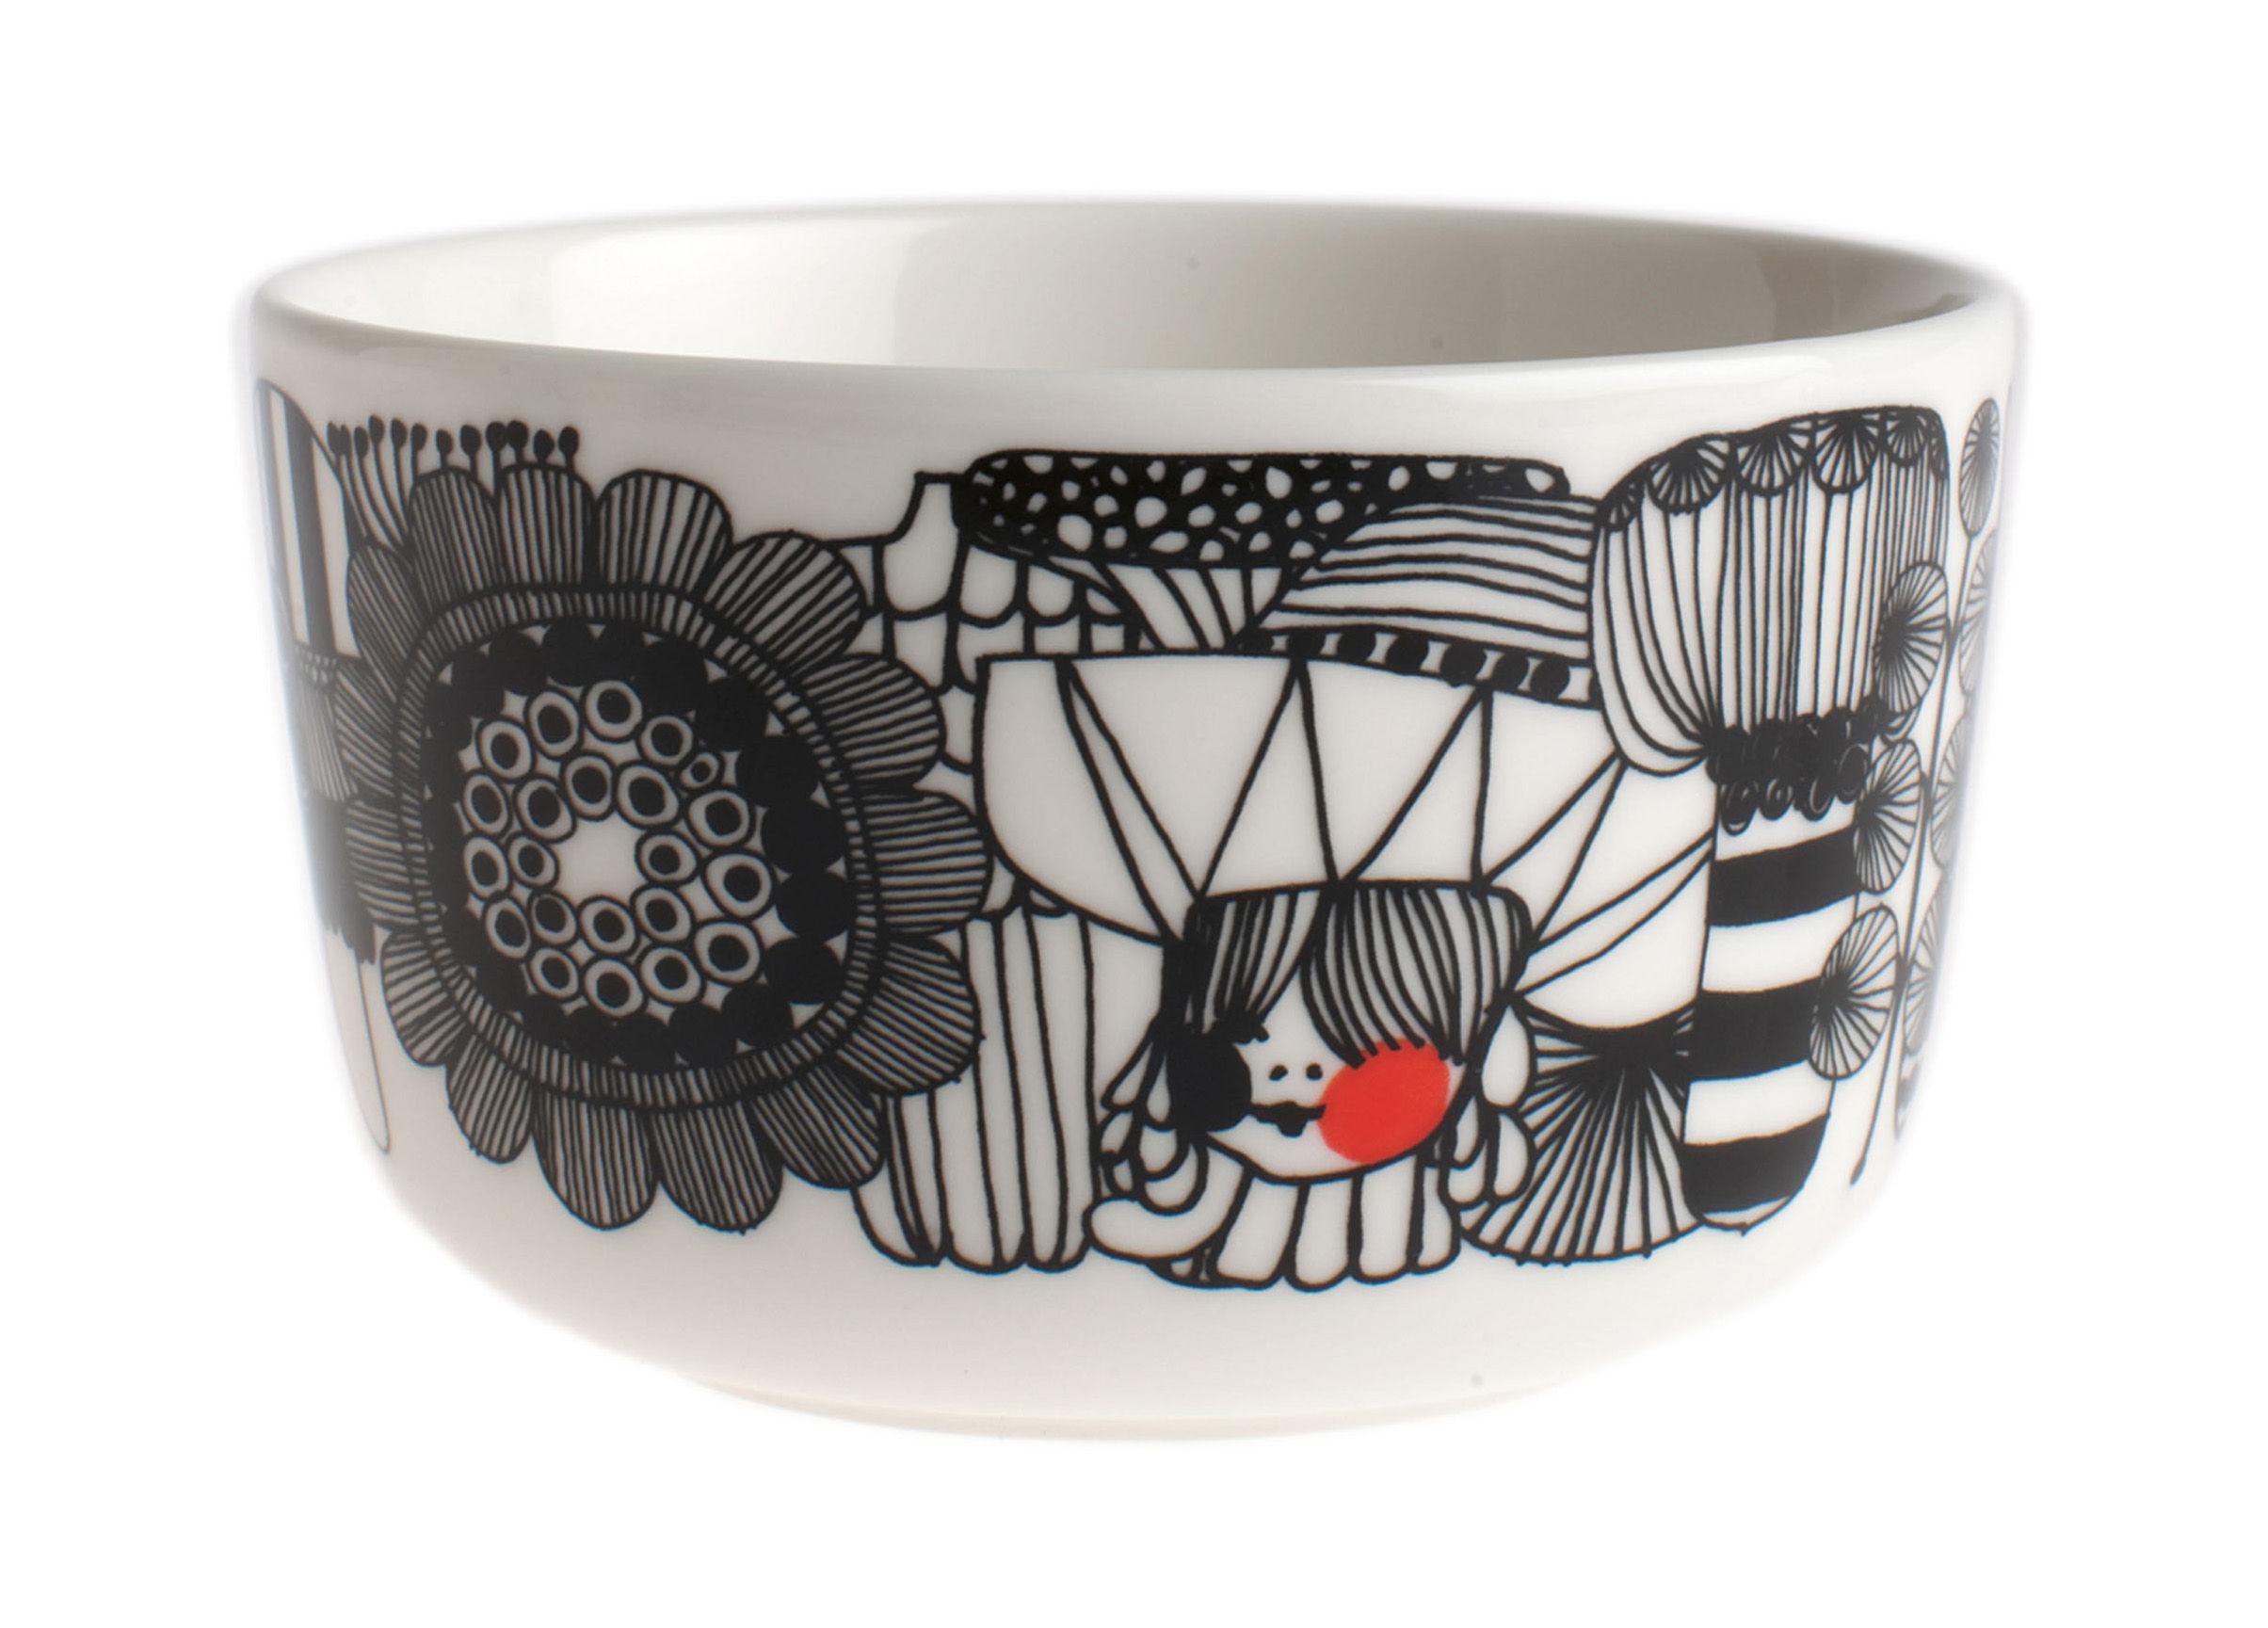 Tischkultur - Salatschüsseln und Schalen - Siirtolapuutarha Schale Ø 9 cm - Marimekko - Ø 9 cm - Siirtolapuutarha - Schwarz, weiß & rot - emailliertes Porzellan